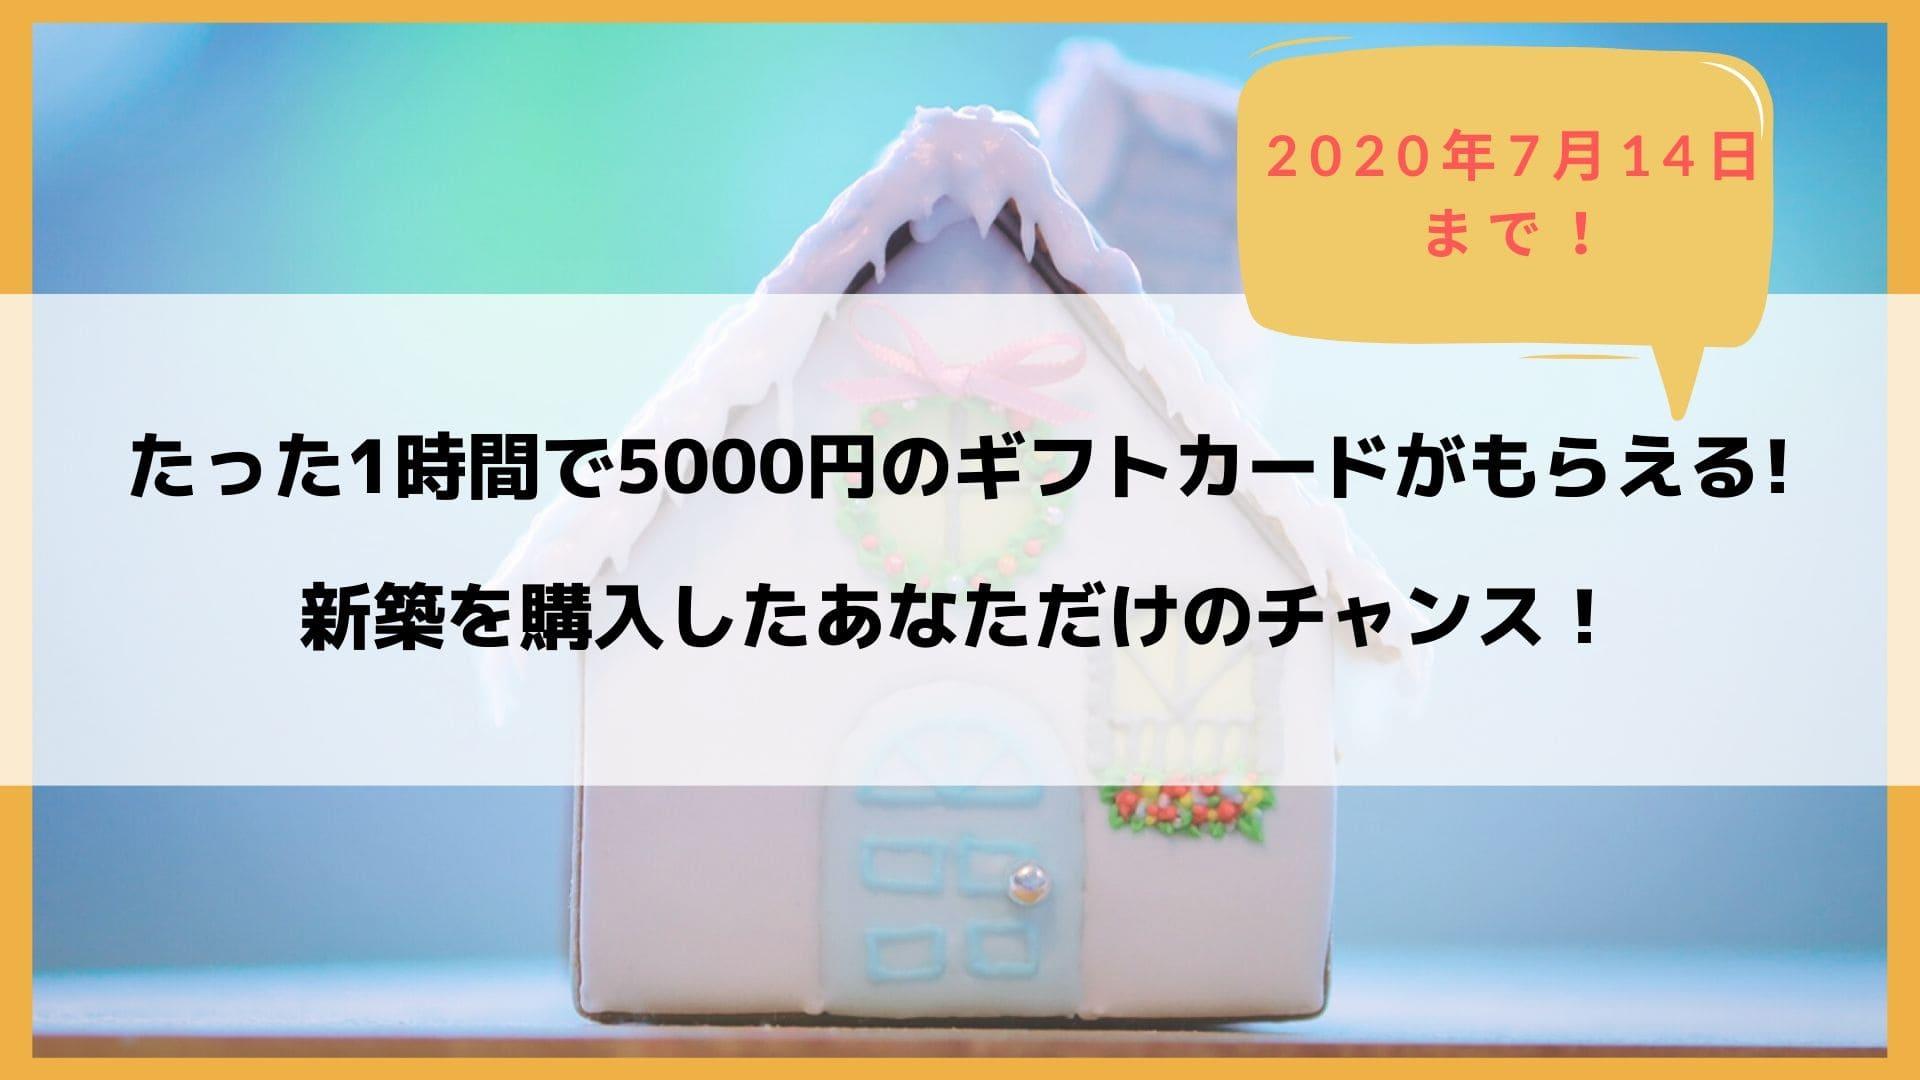 2018年1月以降に家を買った人は5000円分のギフト券が貰える!